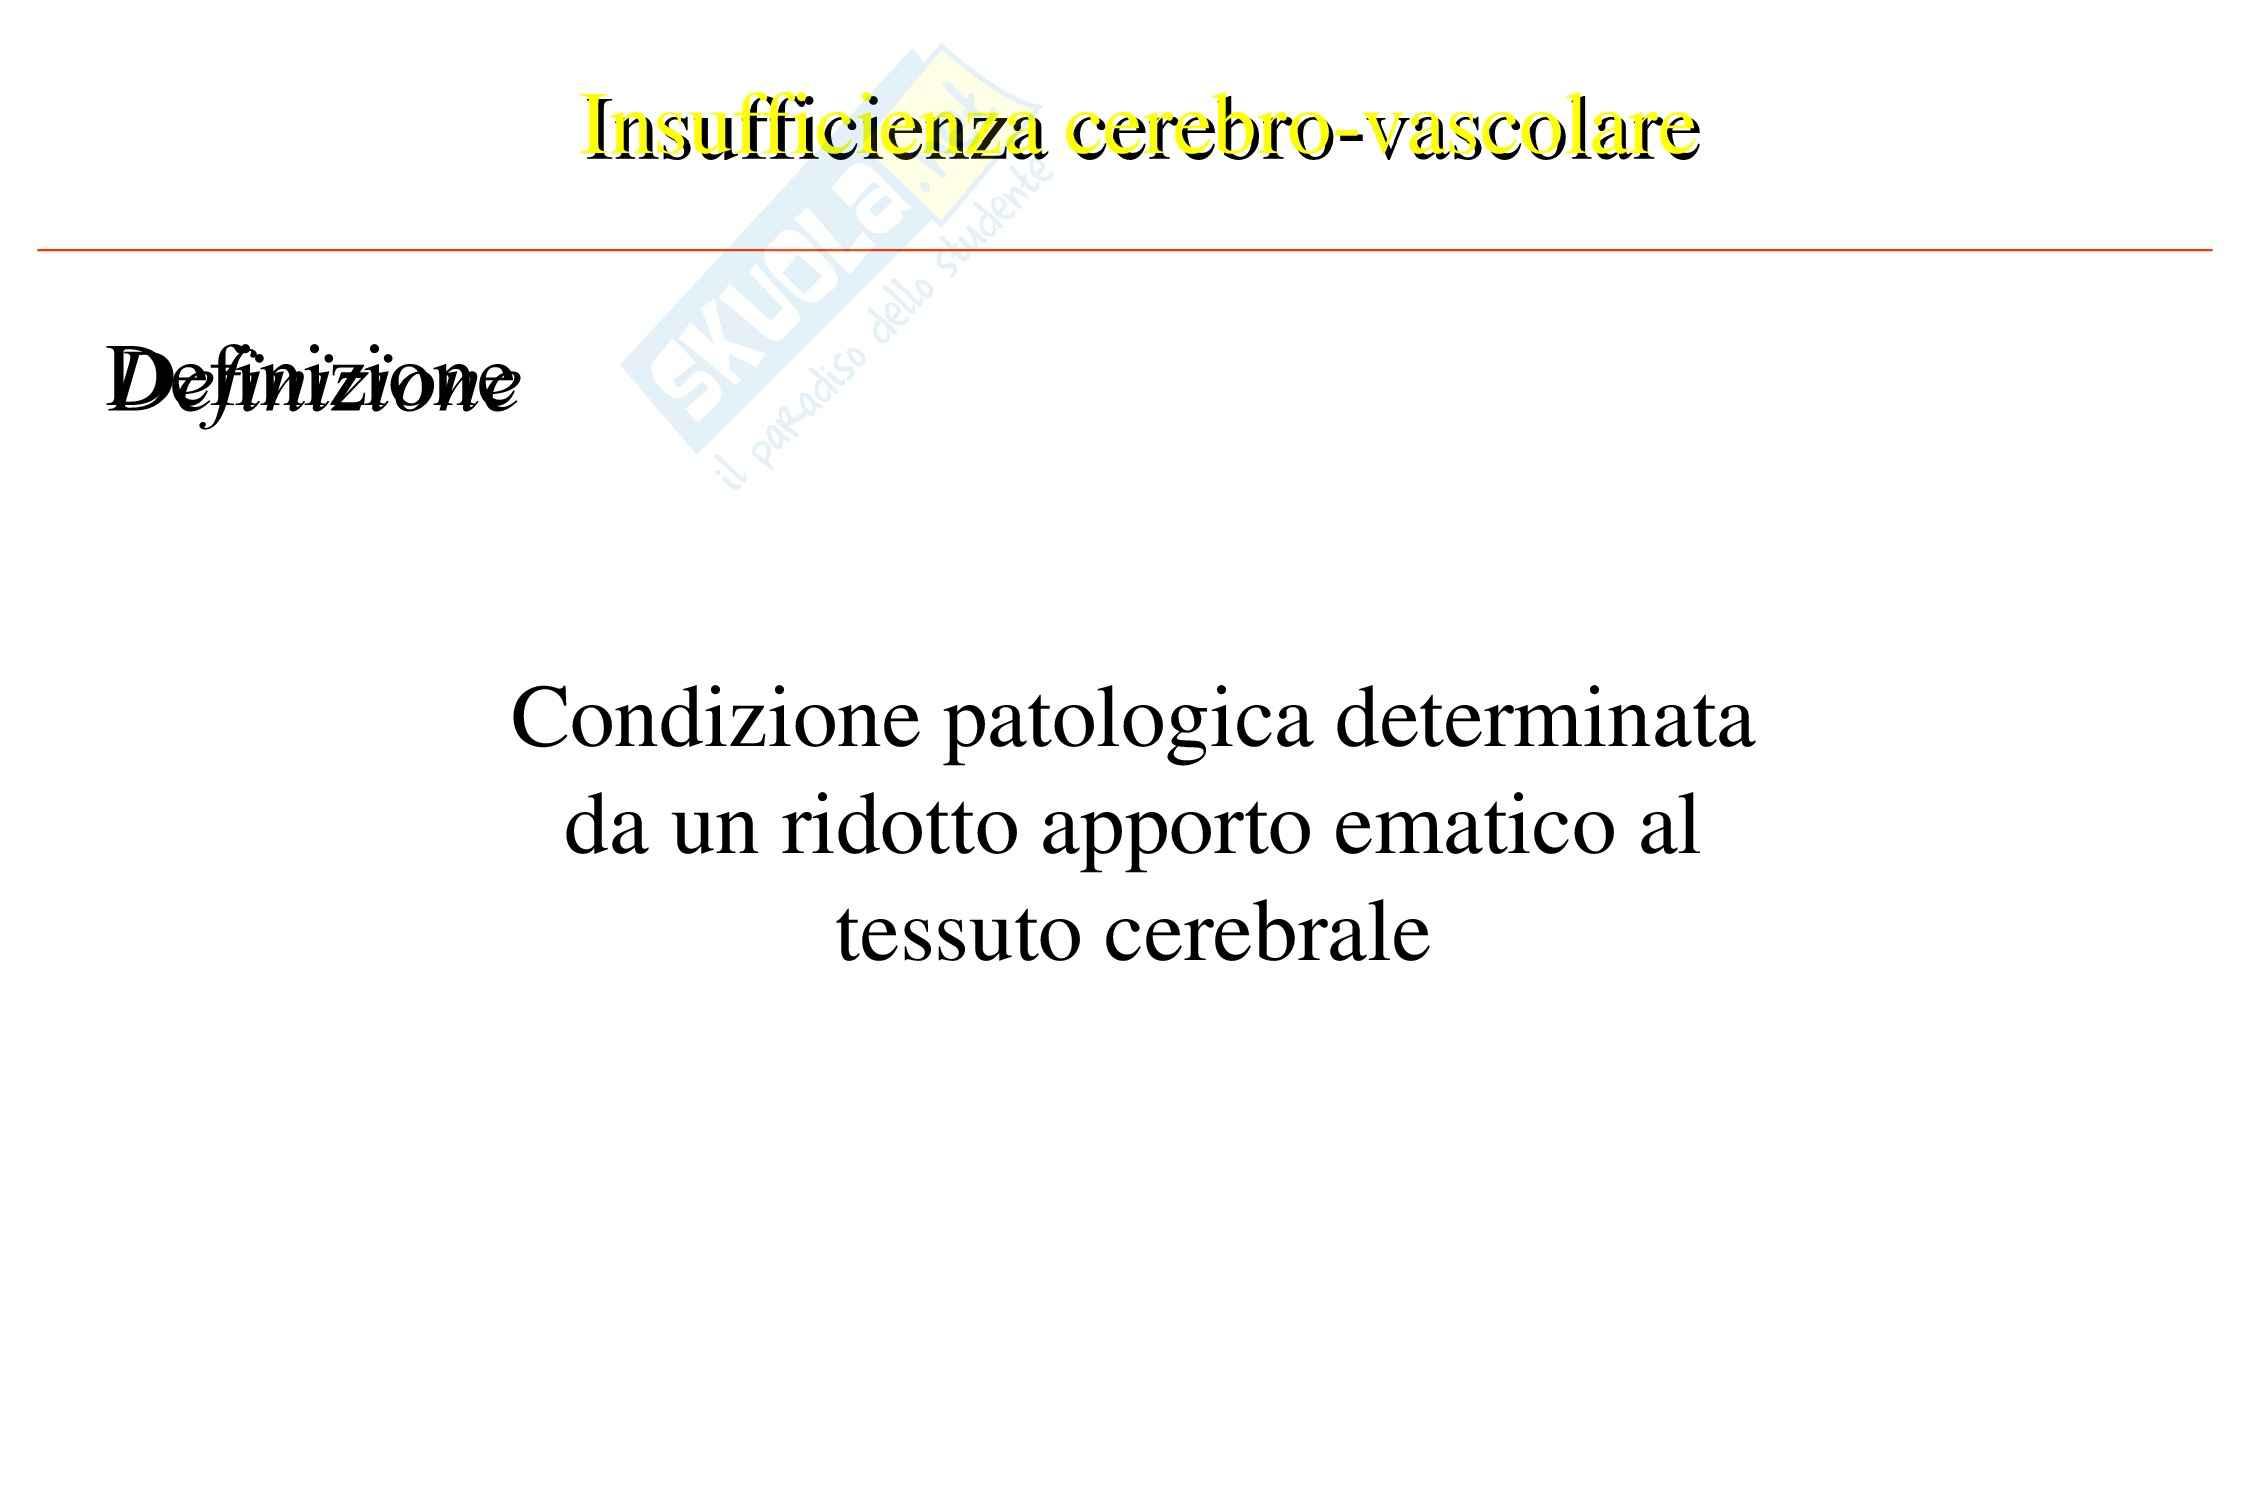 Cardiochirurgia - insufficienza cerebro-vascolare Pag. 2